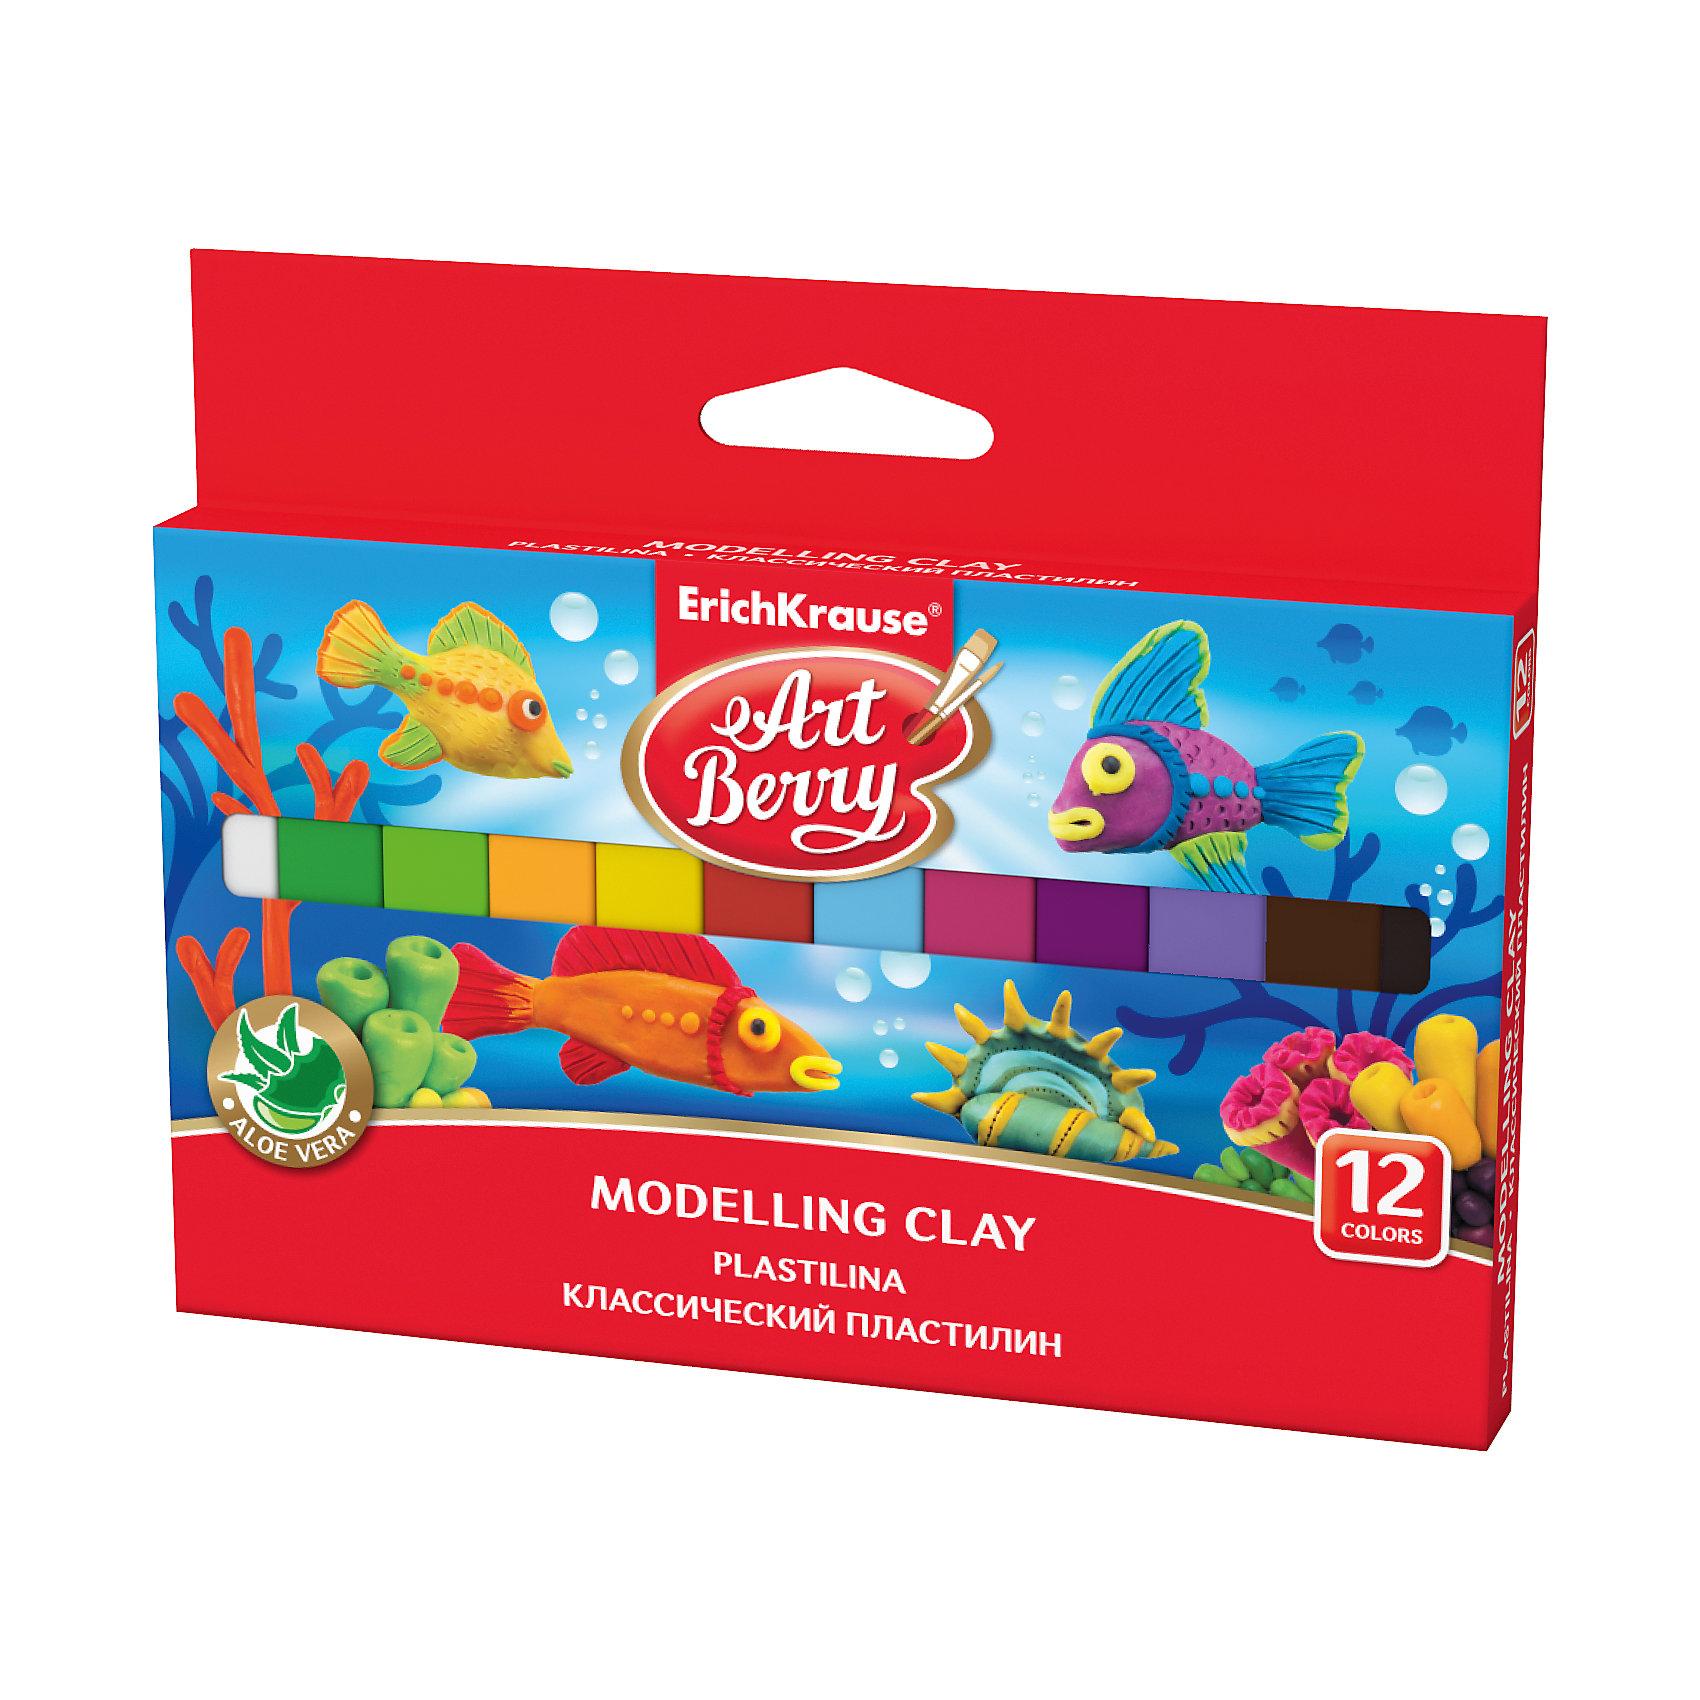 Классический пластилин ArtBerry с Алоэ Вера, 12 цветов,  180гРисование и лепка<br>Характеристики товара:<br><br>• упаковка: картон с европодвесом<br>• количество цветов: 12<br>• возраст: от 3 лет<br>• габариты упаковки: 15х12,7х1,4 см<br>• вес: 200 г<br>• страна производитель: Россия<br><br>Мягкий пластилин изготовлен с введением в состав Алоэ Вера. Благодаря этому параметру пластилин не сушит детскую кожу, а наоборот, бережно ухаживает за поверхностью ручек малыша. Сам пластилин отлично лепится.<br><br>Классический пластилин ArtBerry с Алоэ Вера, 12 цветов, 180г, можно купить в нашем интернет-магазине.<br><br>Ширина мм: 158<br>Глубина мм: 125<br>Высота мм: 14<br>Вес г: 201<br>Возраст от месяцев: 36<br>Возраст до месяцев: 2147483647<br>Пол: Унисекс<br>Возраст: Детский<br>SKU: 5409279